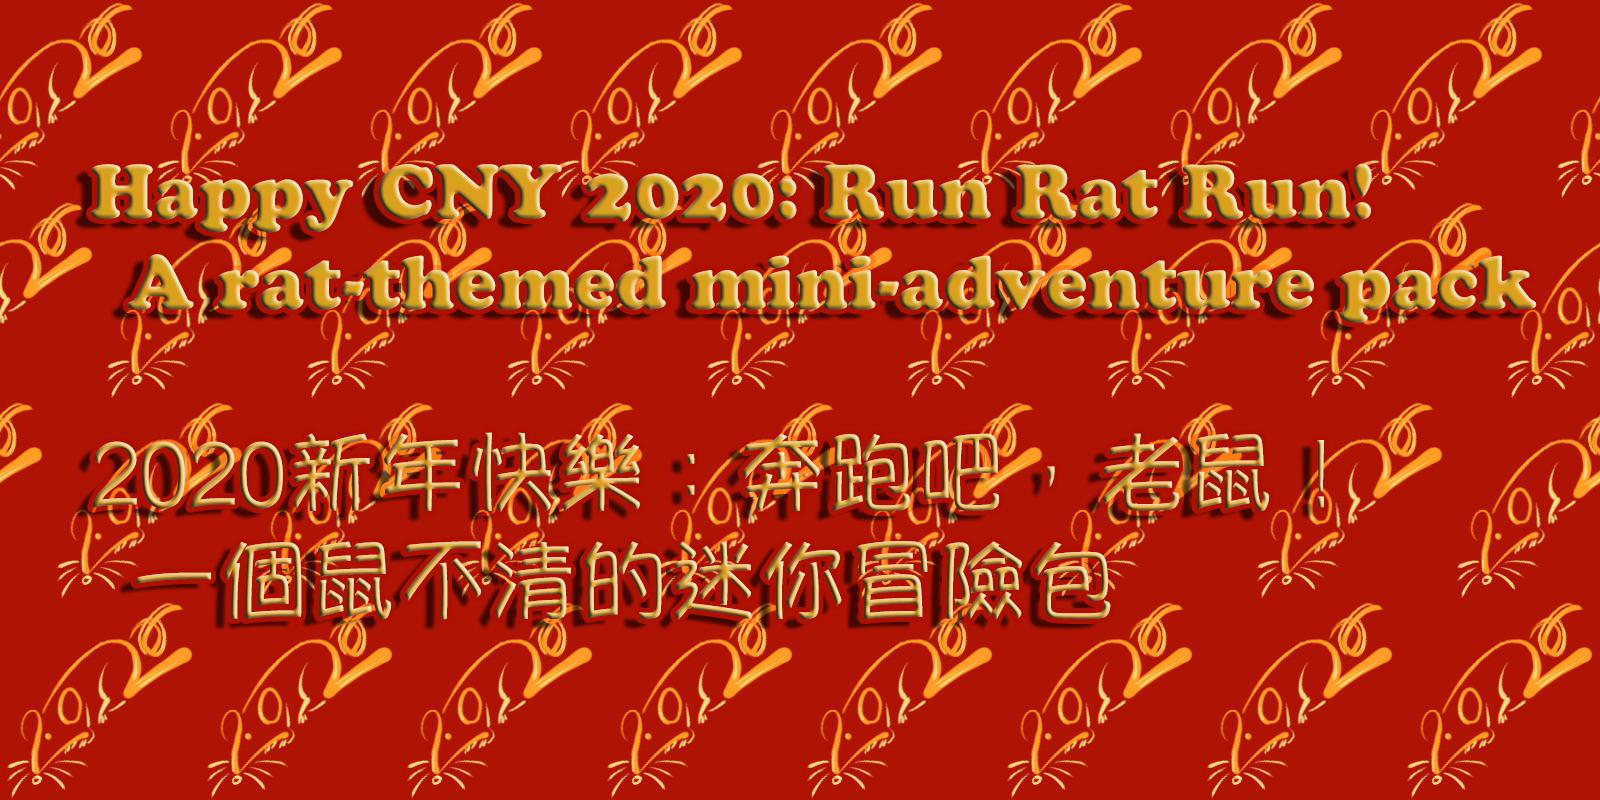 Run Rat Run! 奔跑吧,老鼠!